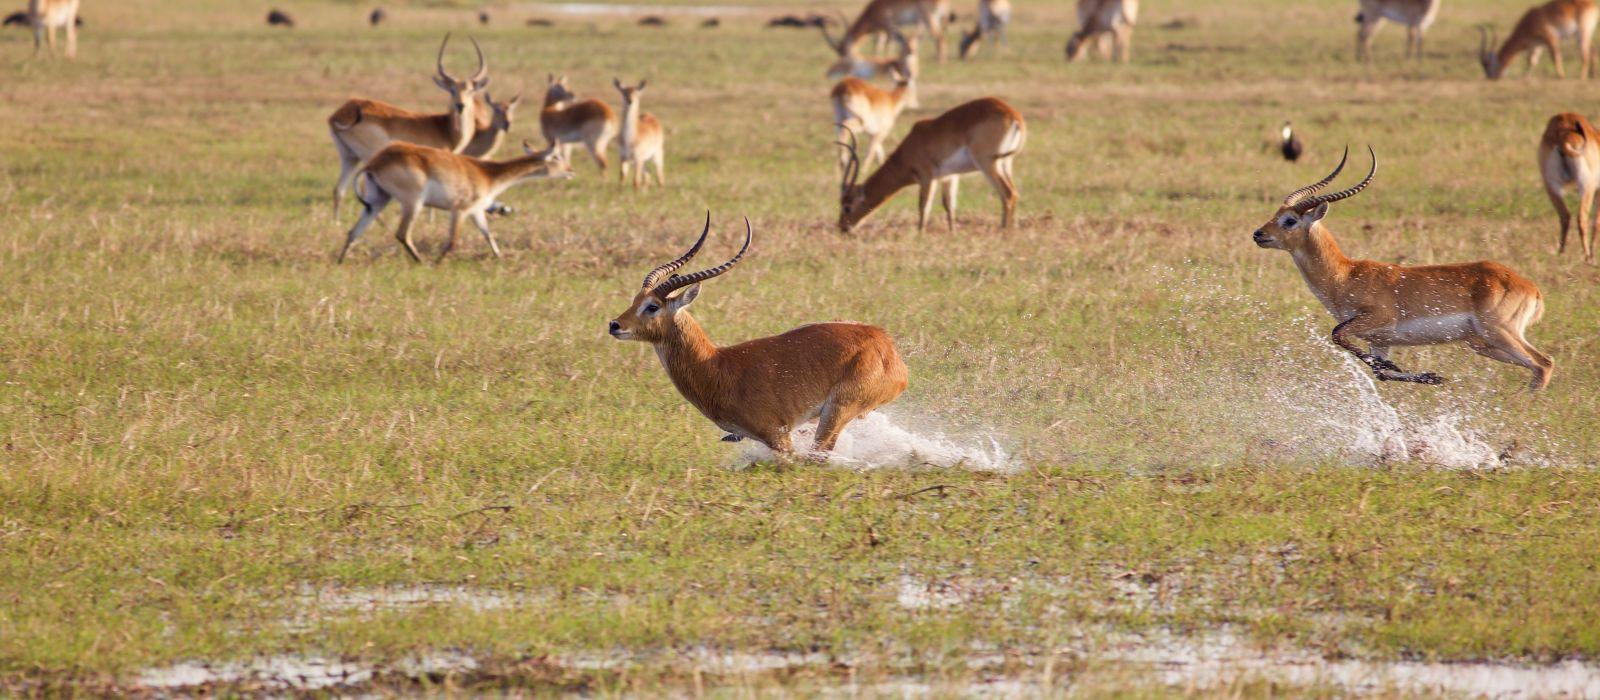 kobus lechwe, Sambia, Afrika